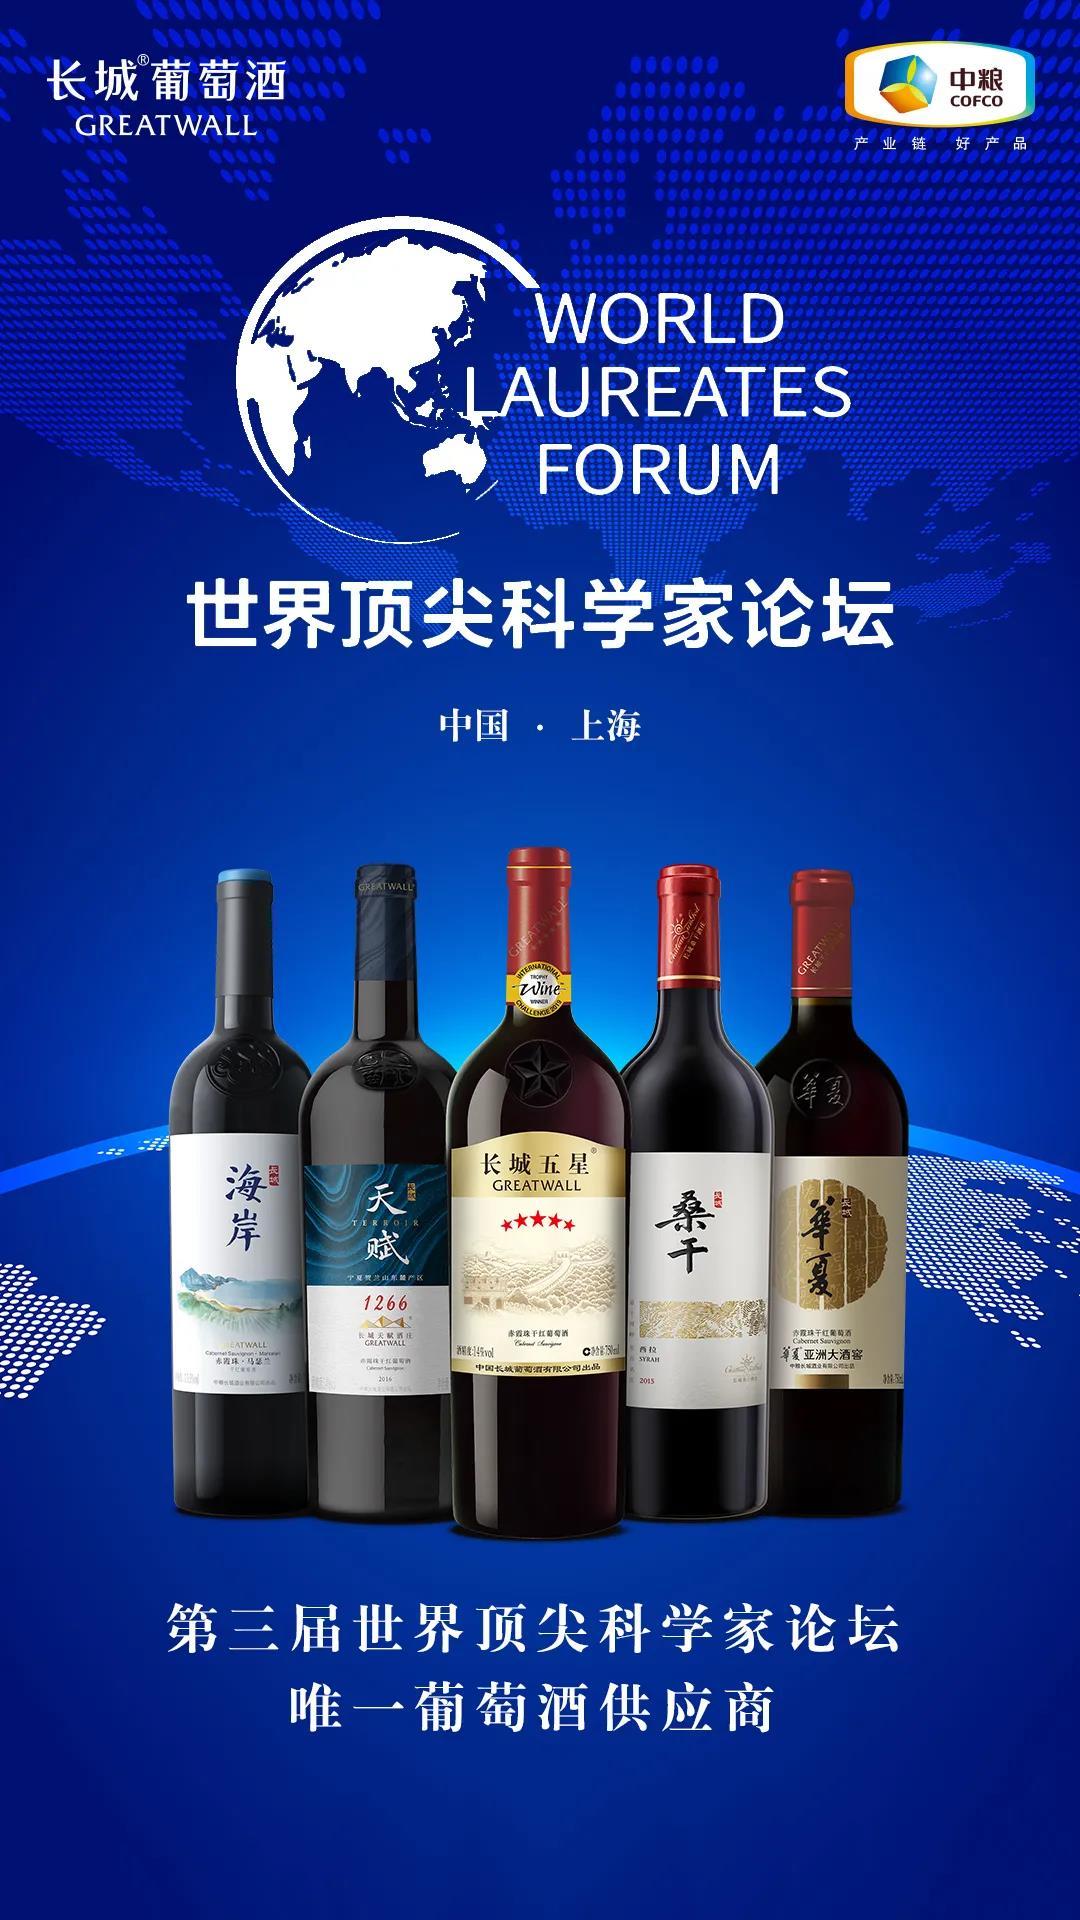 长城葡萄酒登临世界顶尖科学家论坛